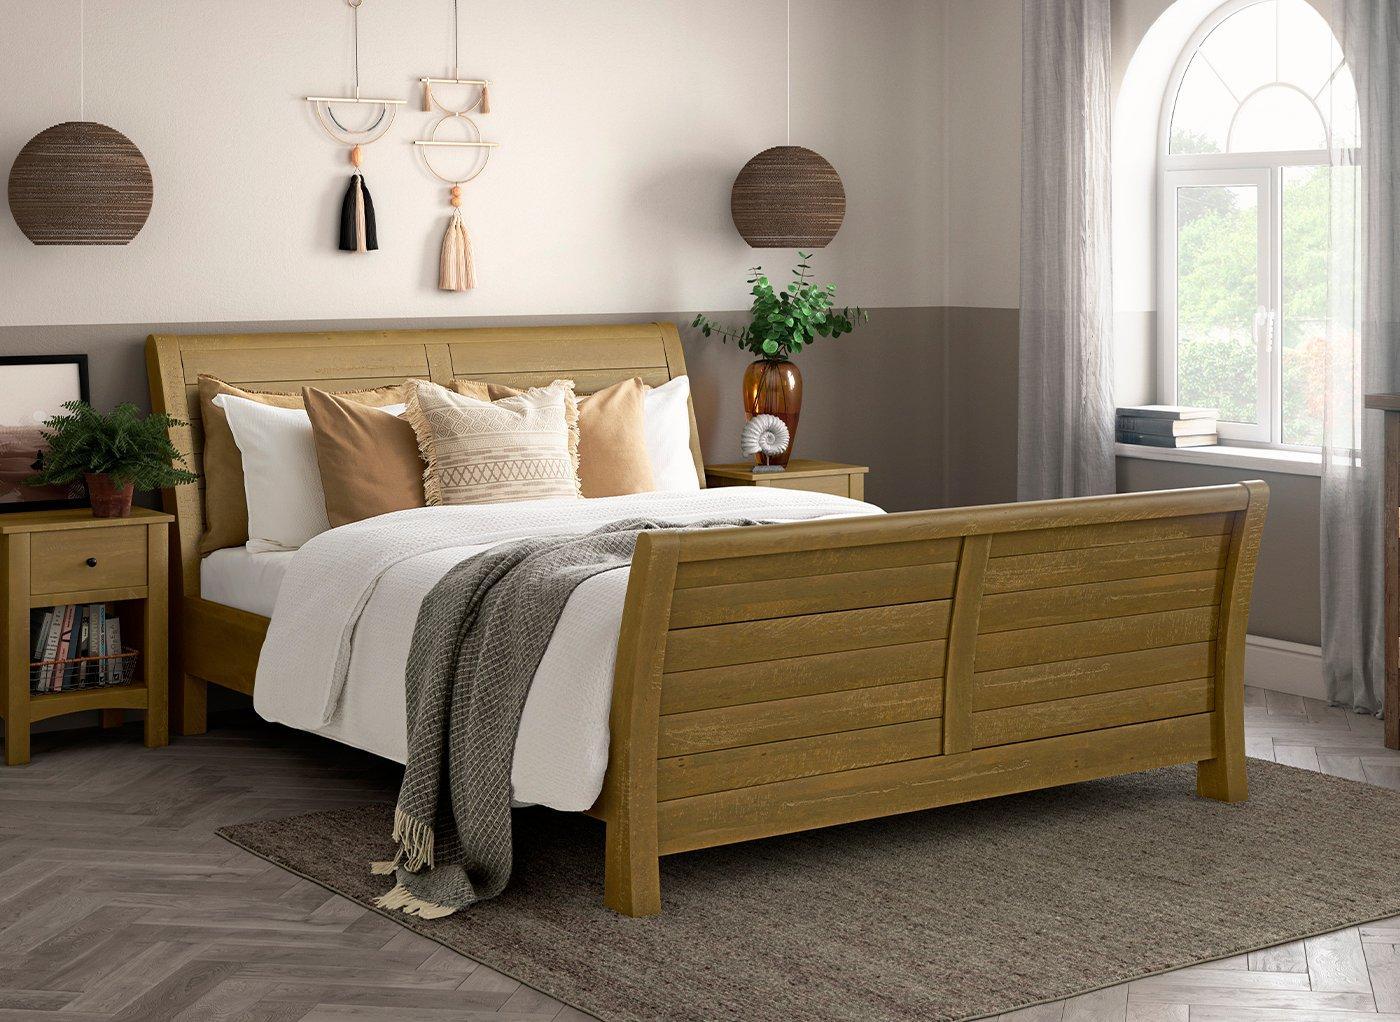 kensington-wooden-bed-frame